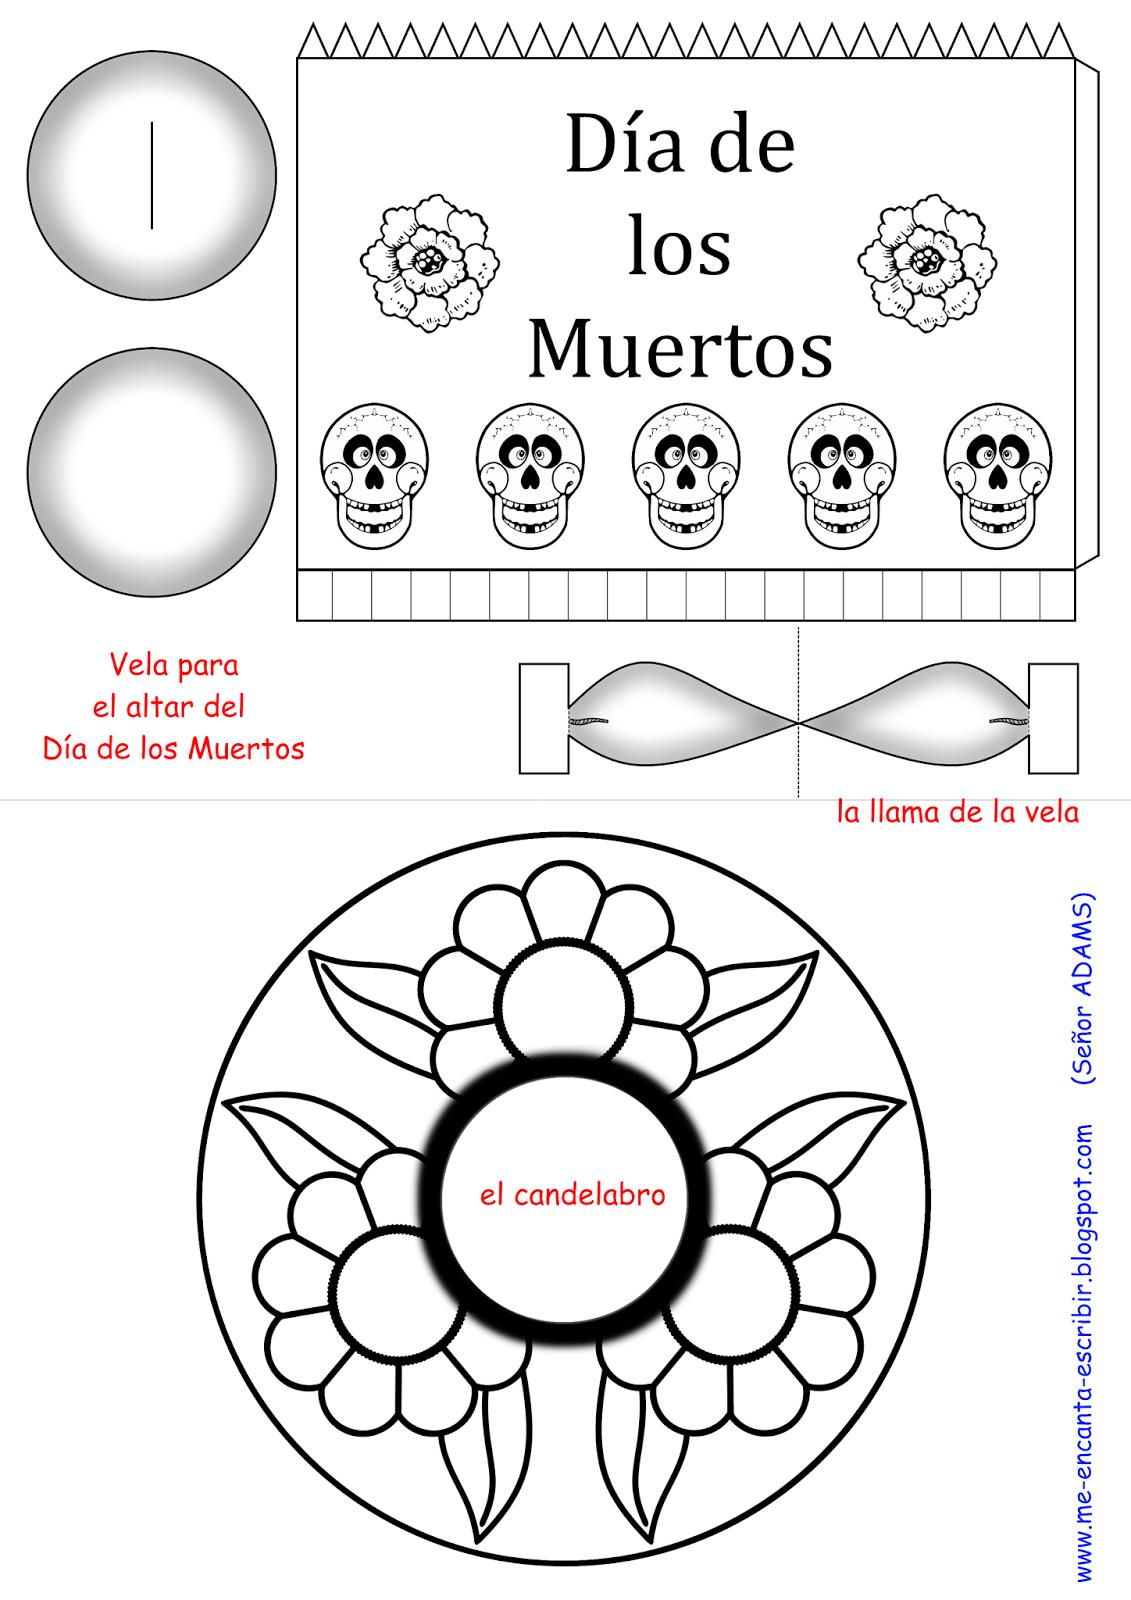 Me encanta escribir en español: Vela para el altar del Día